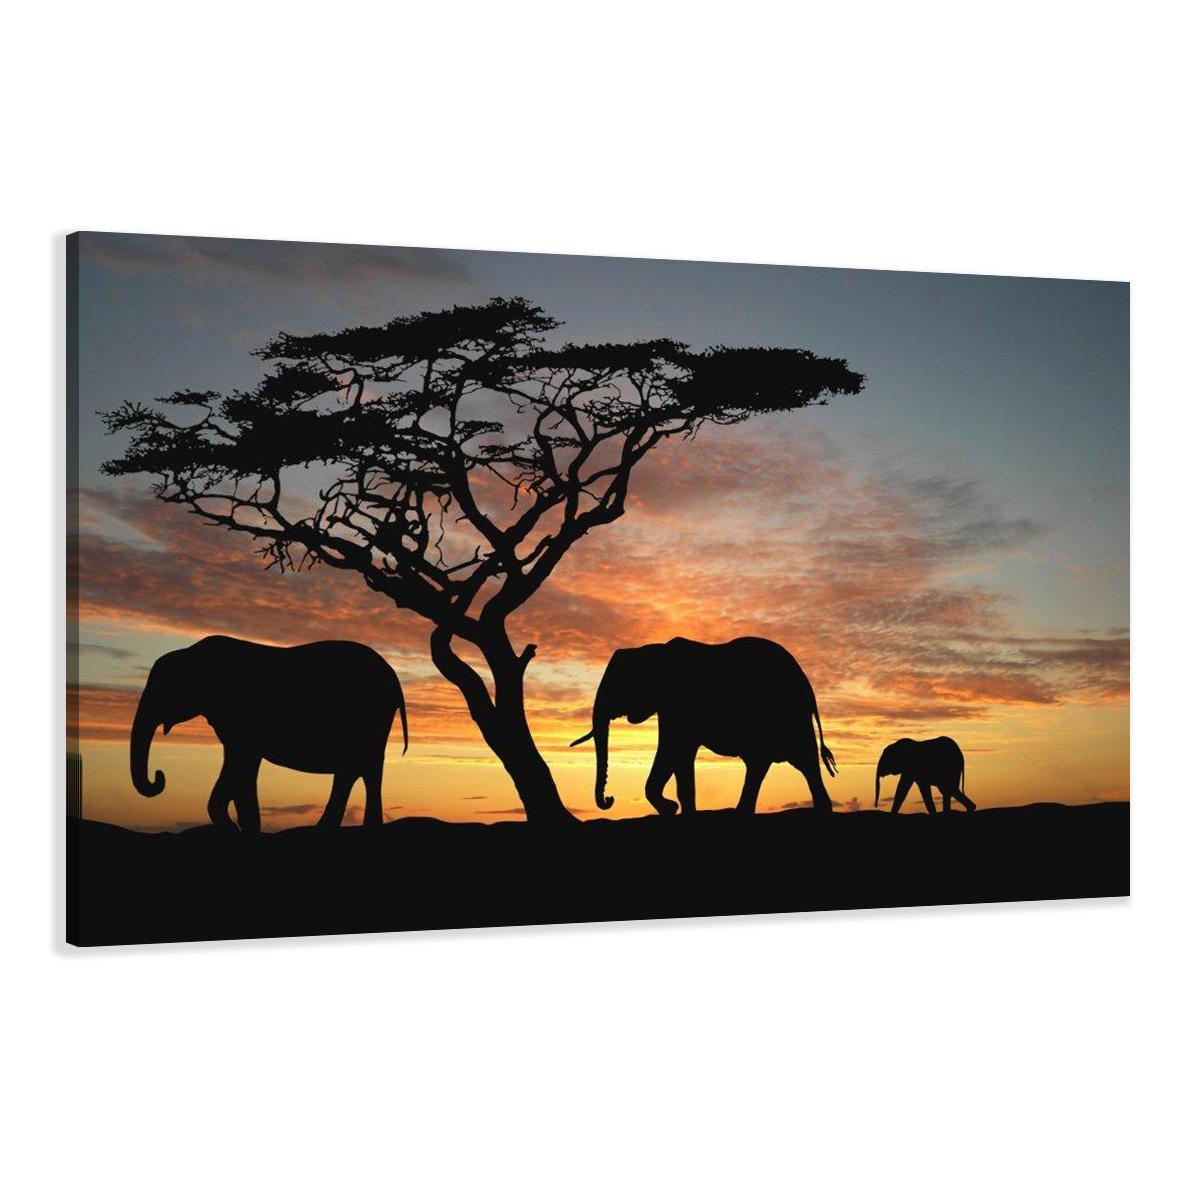 leinwand wandbilder verschiedene bilder motive 120 x 80 cm einteilig 1576 d2 ebay. Black Bedroom Furniture Sets. Home Design Ideas